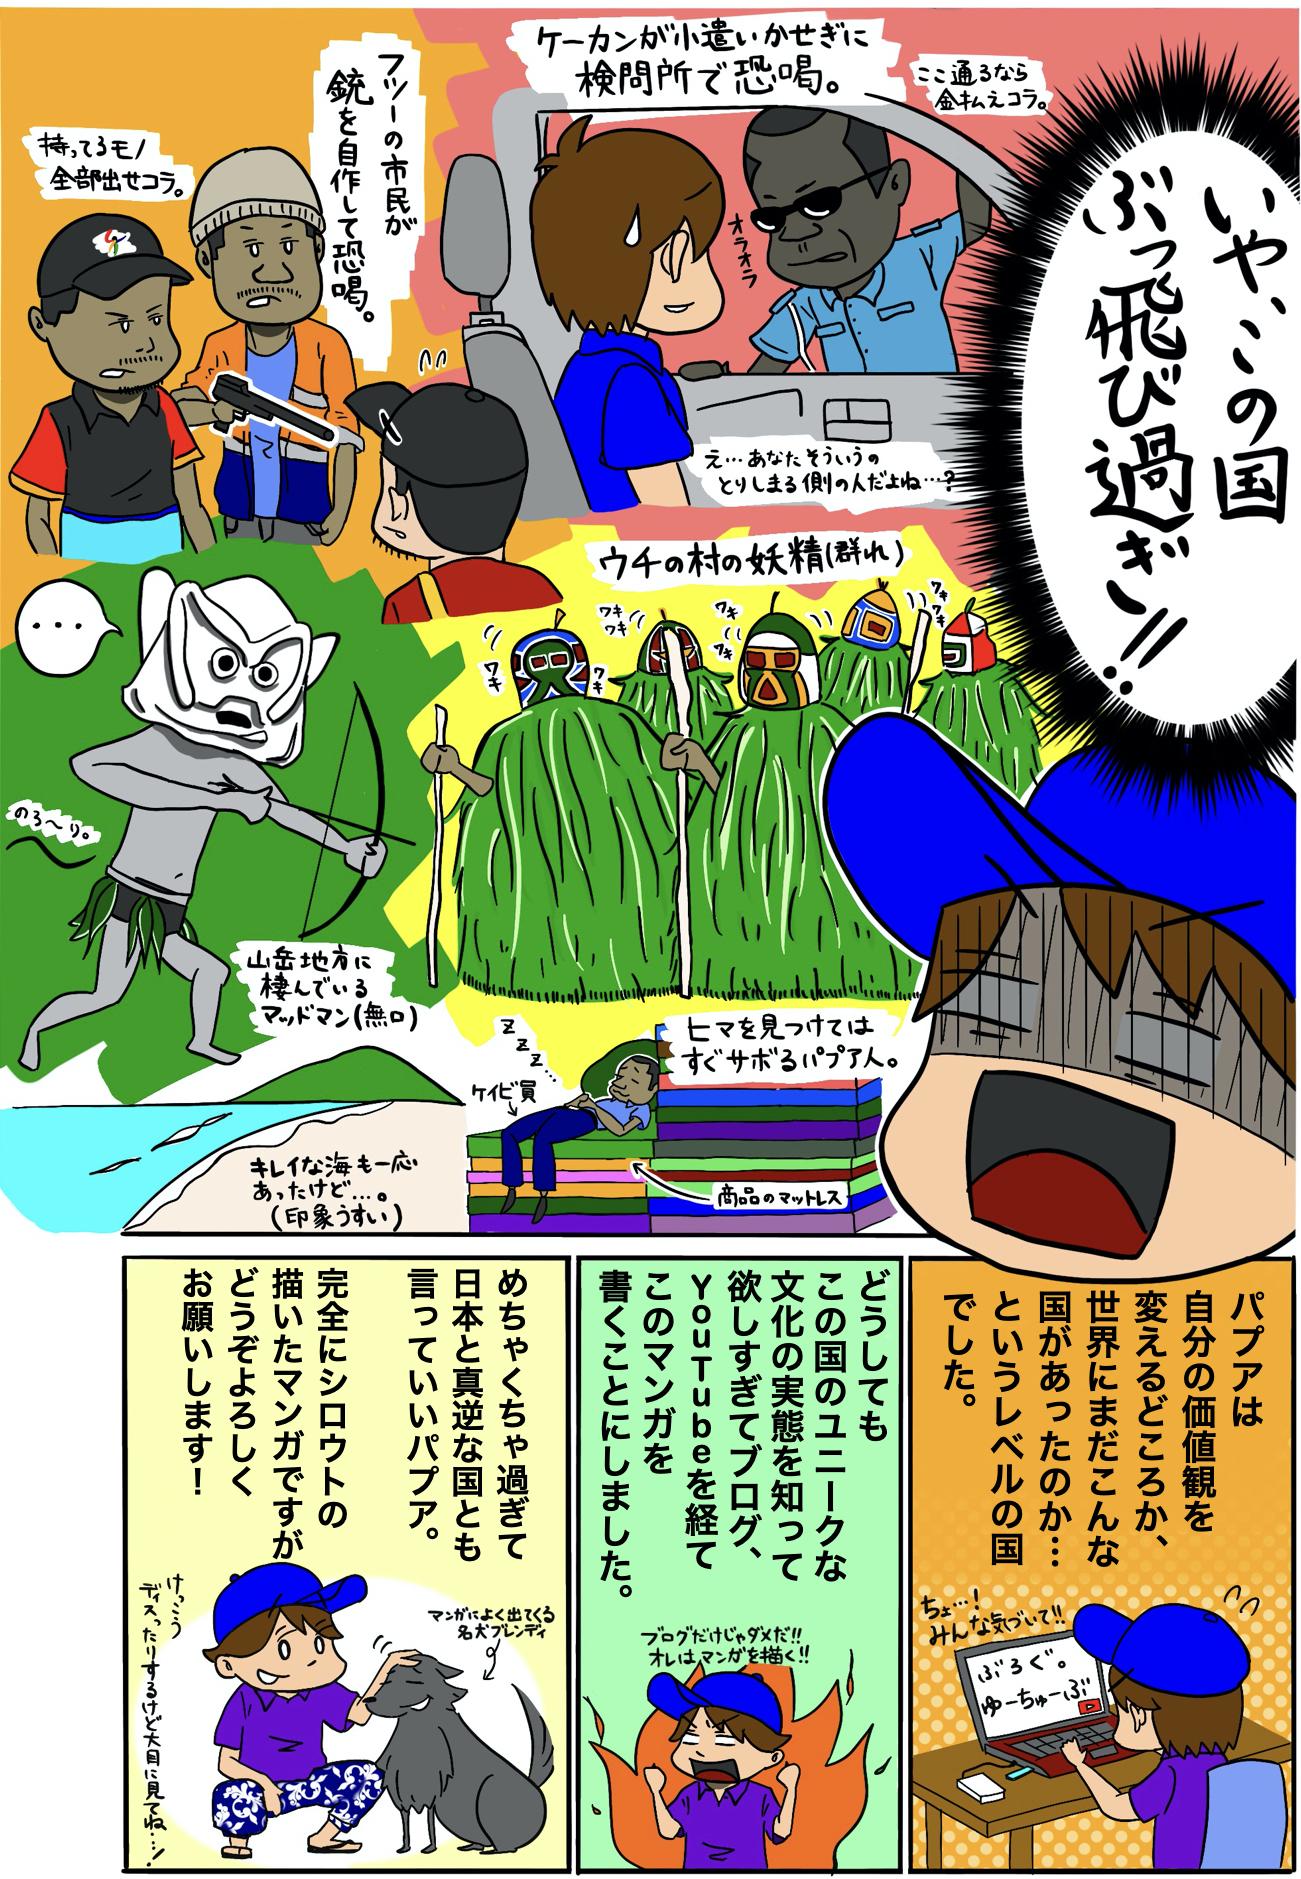 パプアマンガ(挨拶②)